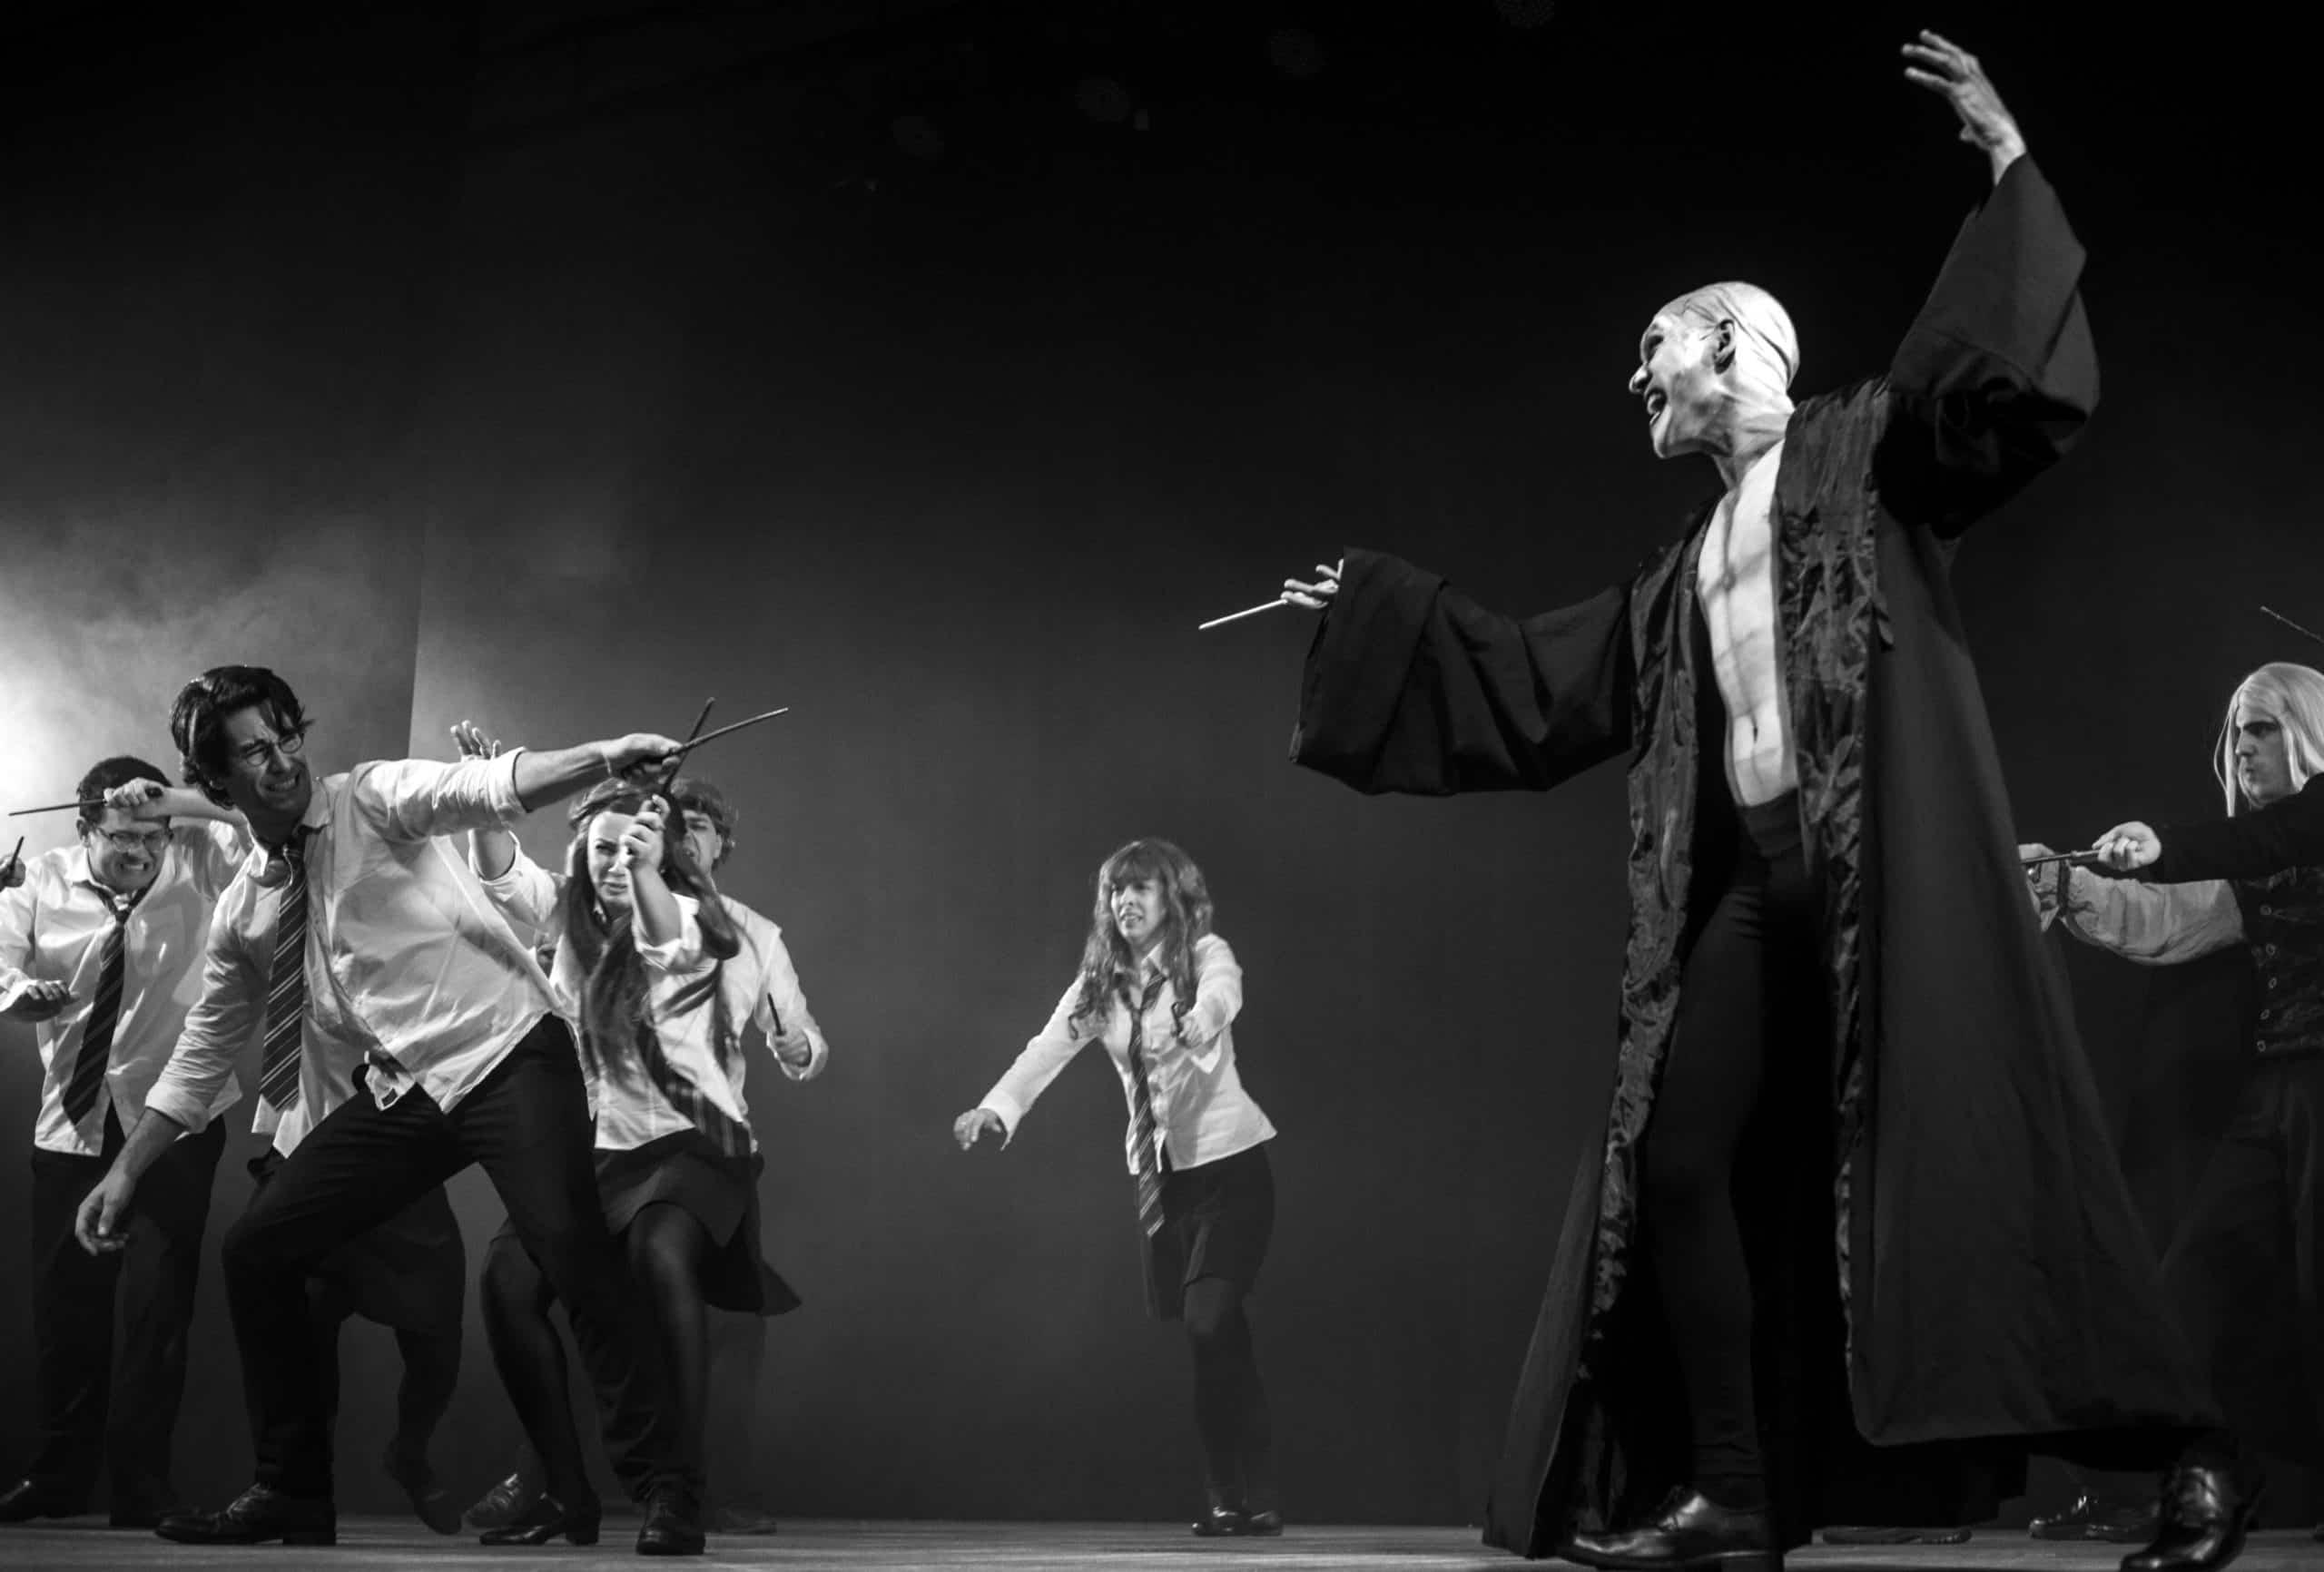 Armada de Dumbledore luta contra Voldemort e Comensais da Morte em cena de A Very Potter Musical